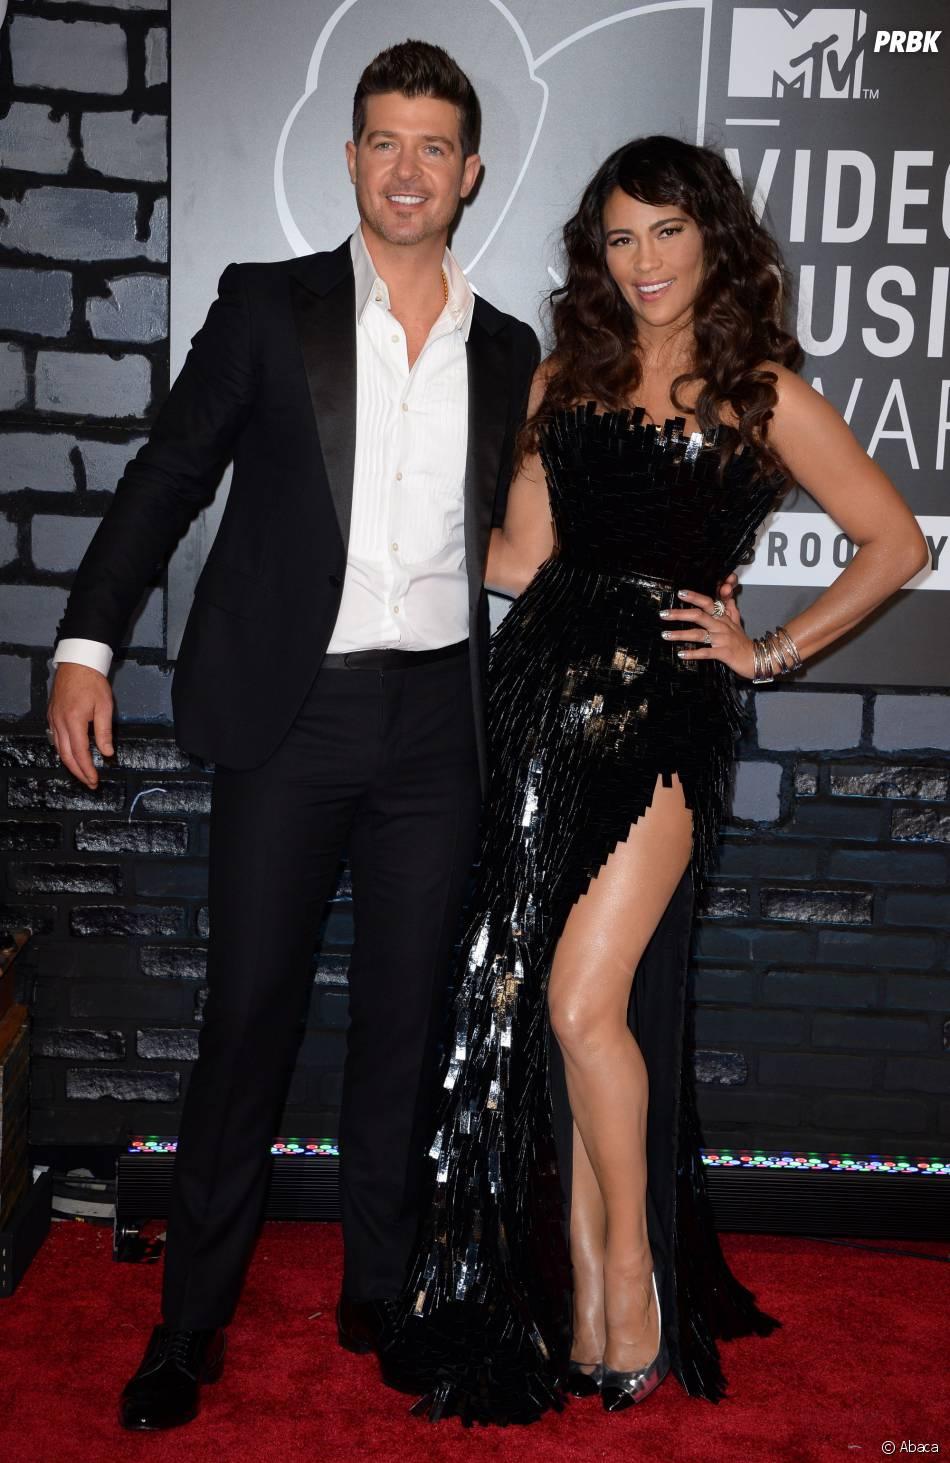 Robin Thicke et sa femme Paula Patton, sur le tapis rouge avant la cérémonie des MTV VMA 2013